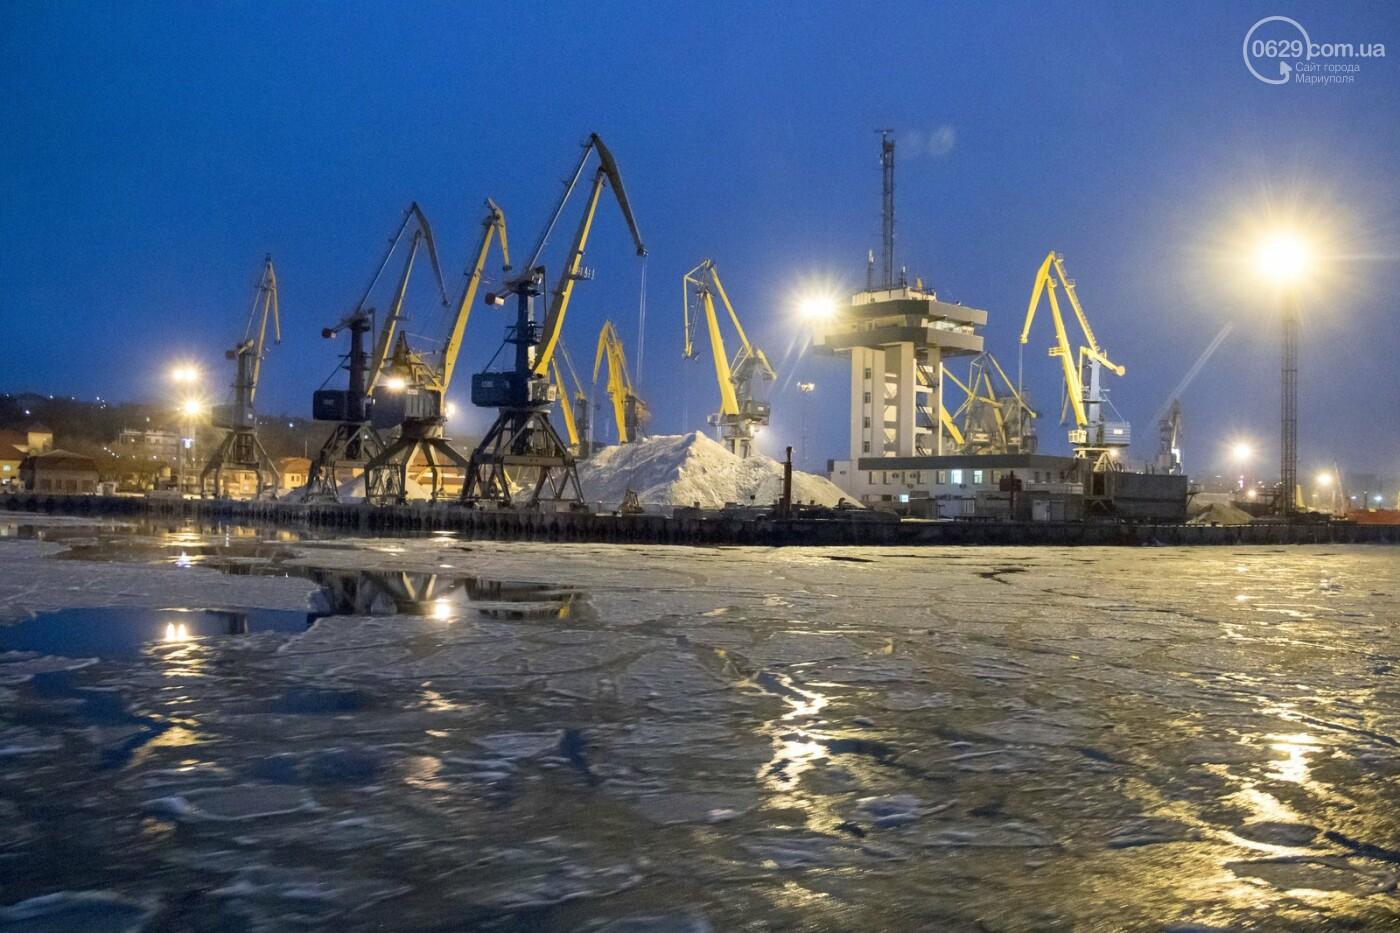 Из-за строительства Керченского моста и незаконной блокады порт Мариуполя потерял 6 миллиардов гривен, - ФОТО, фото-14